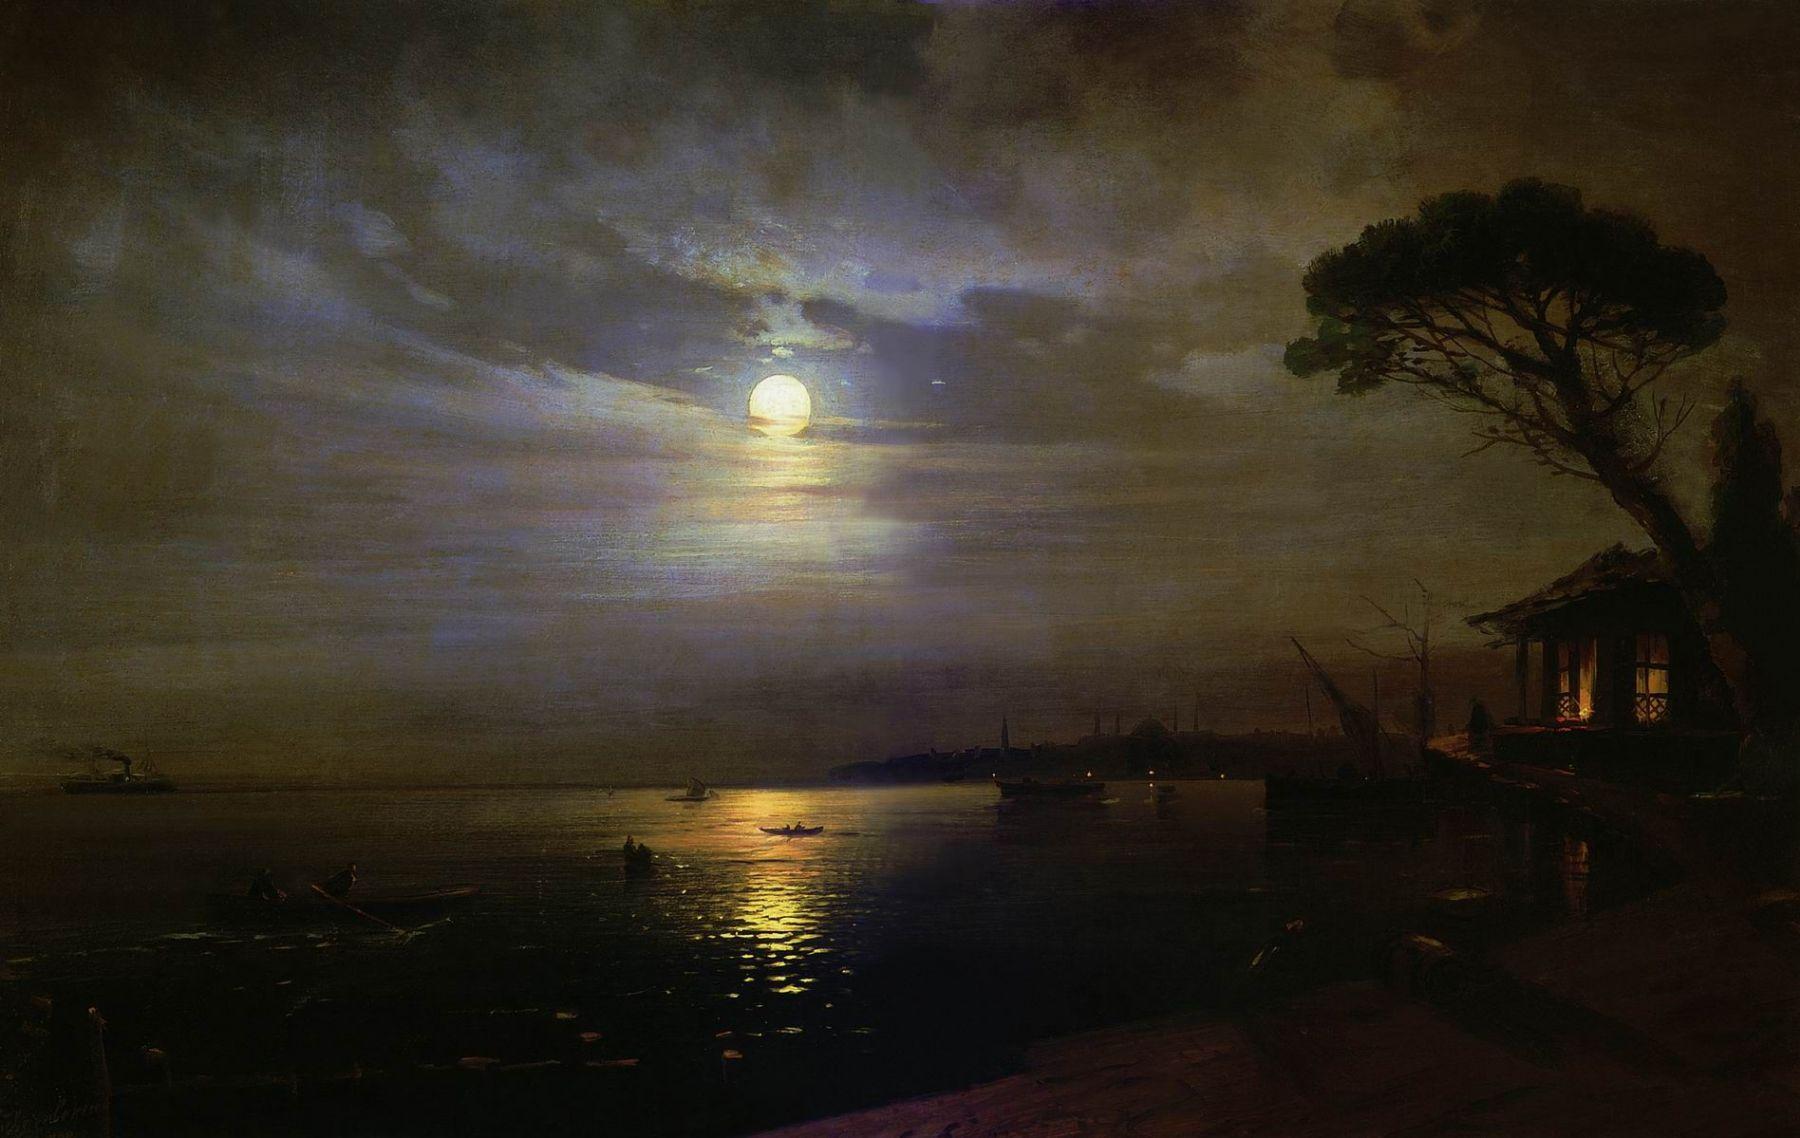 может картина айвазовского море в лунном свете картинки как всего